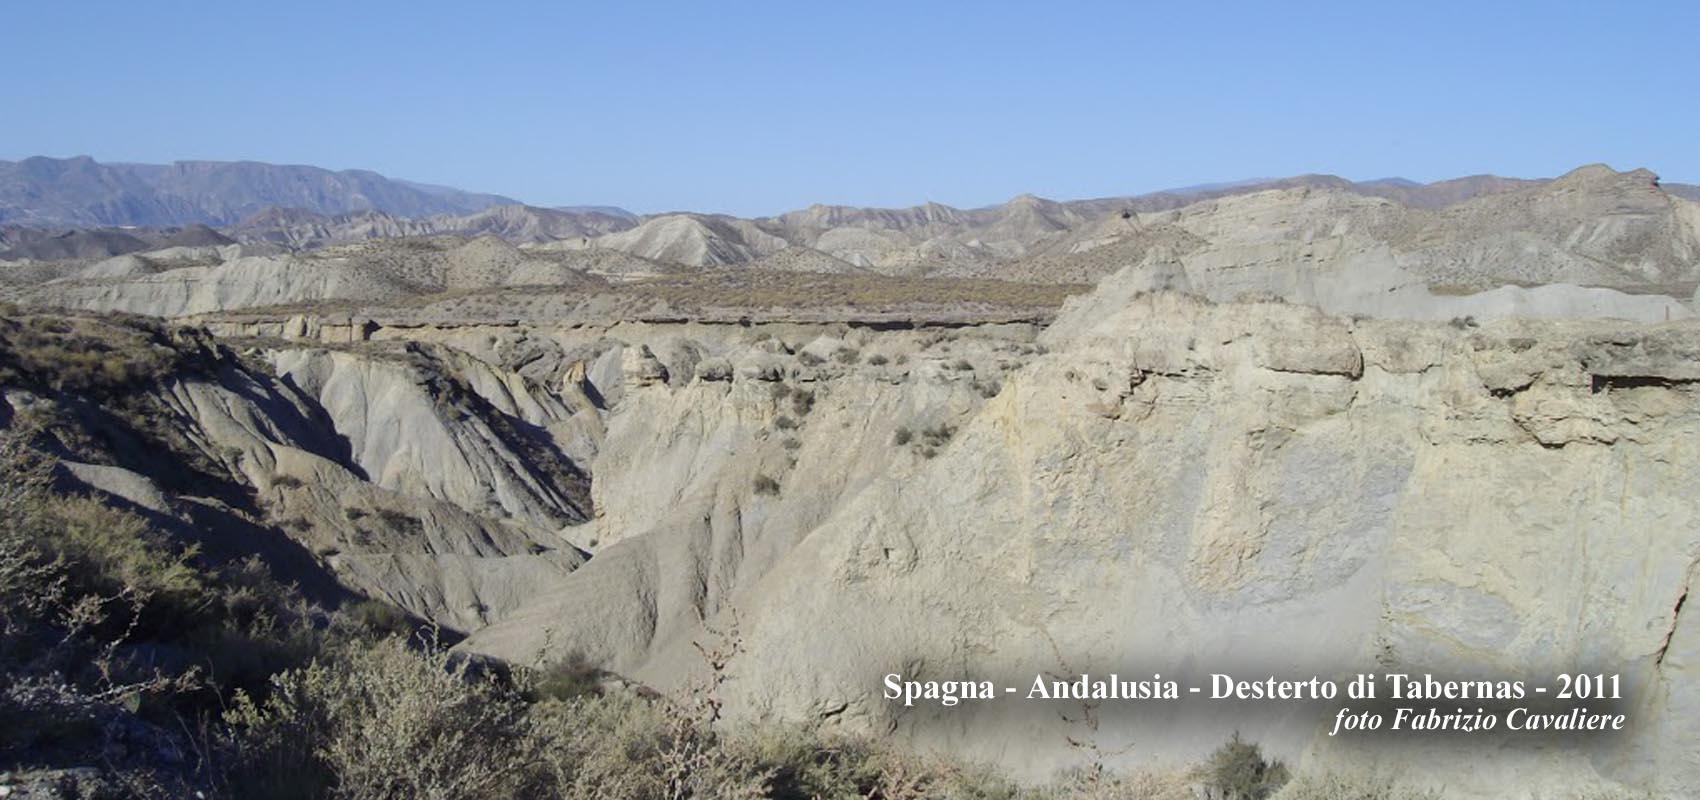 Spagna, Andalusia - Deserto di Tabernas - 2011